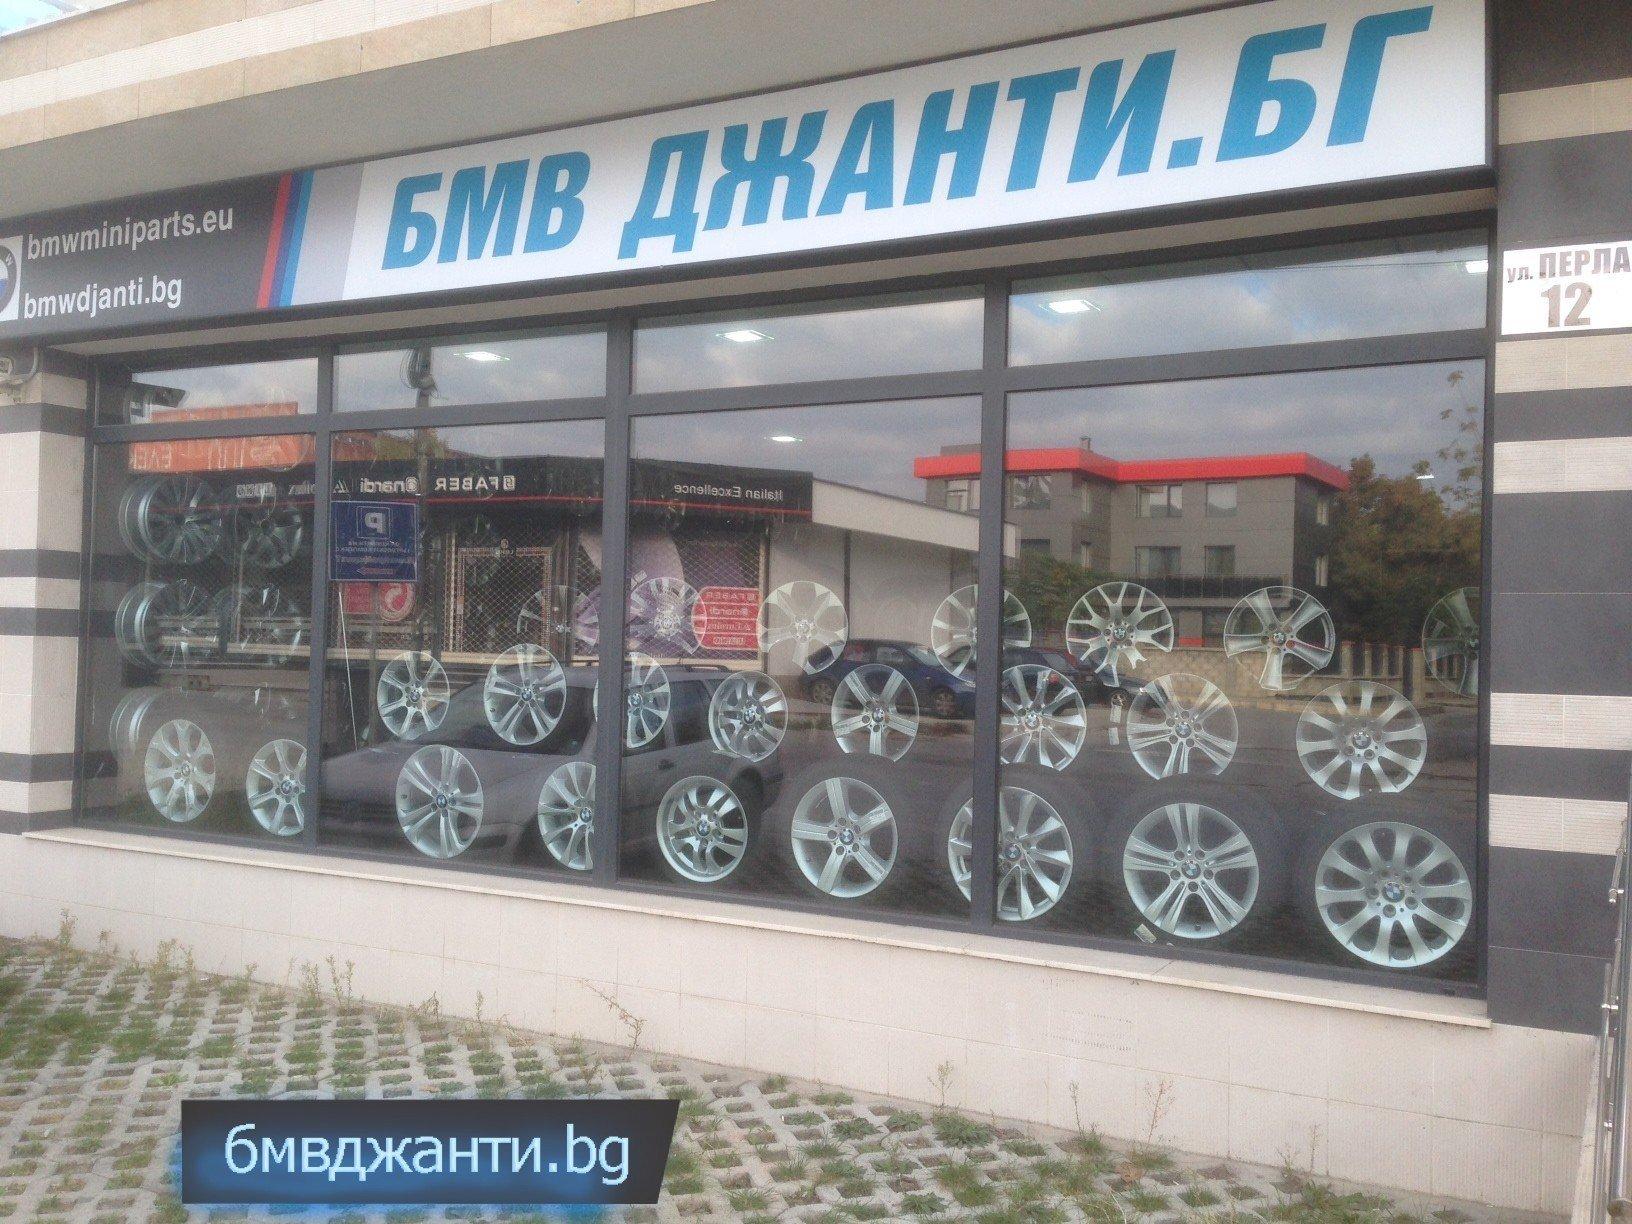 Шоурум Варна